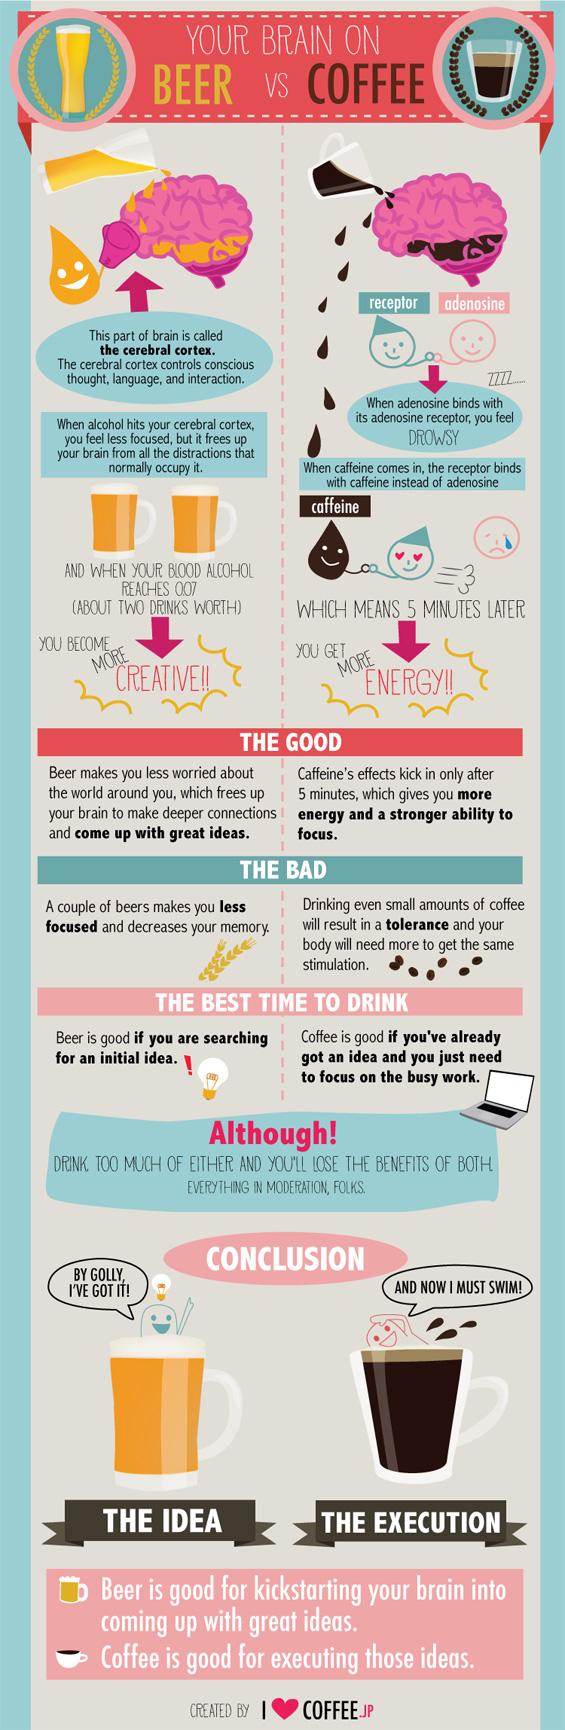 (1) Како пивото и кафето влијаат на вашиот мозок?